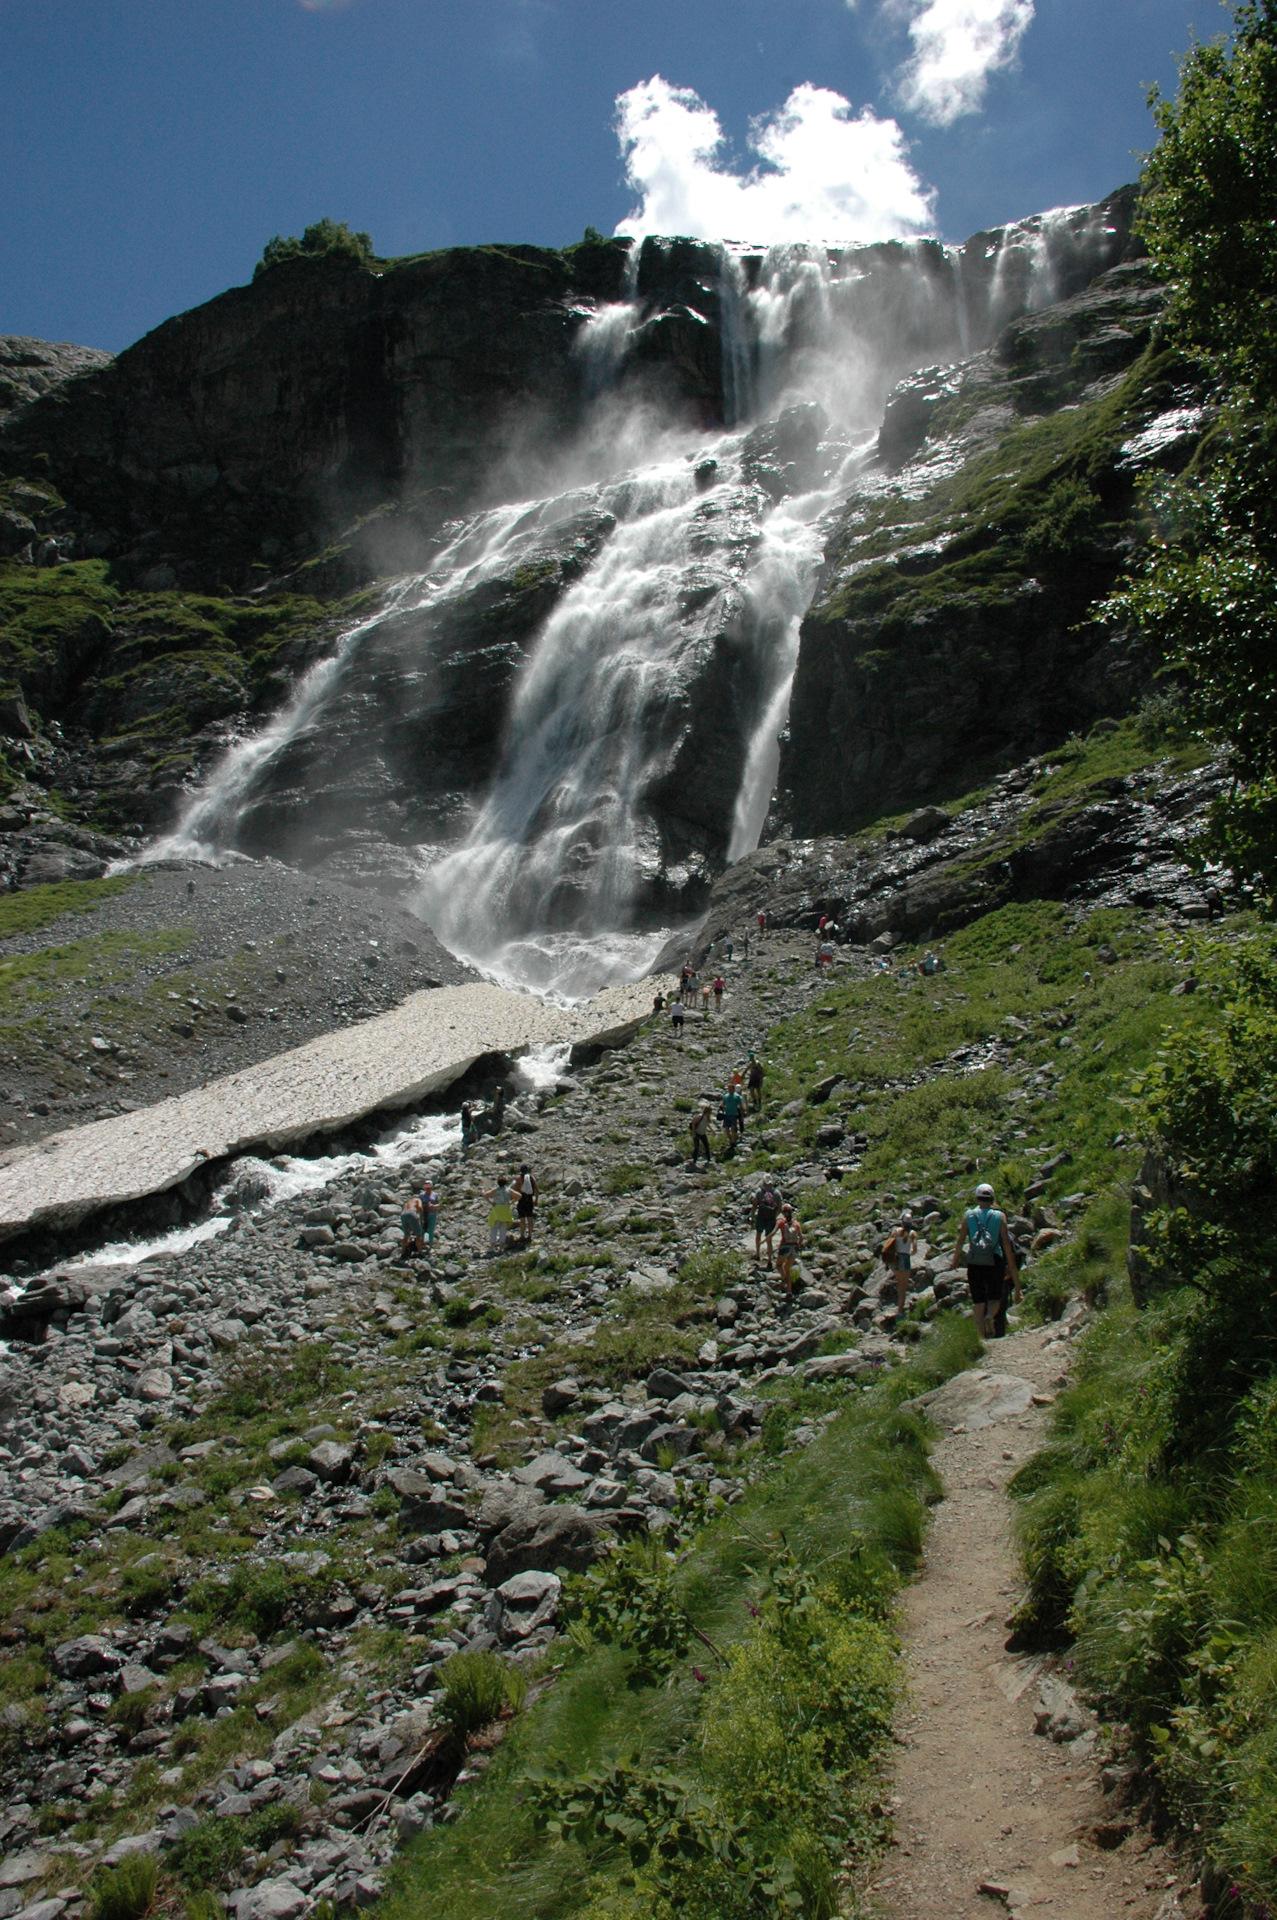 архыз софийские водопады как добраться фото рода норковую